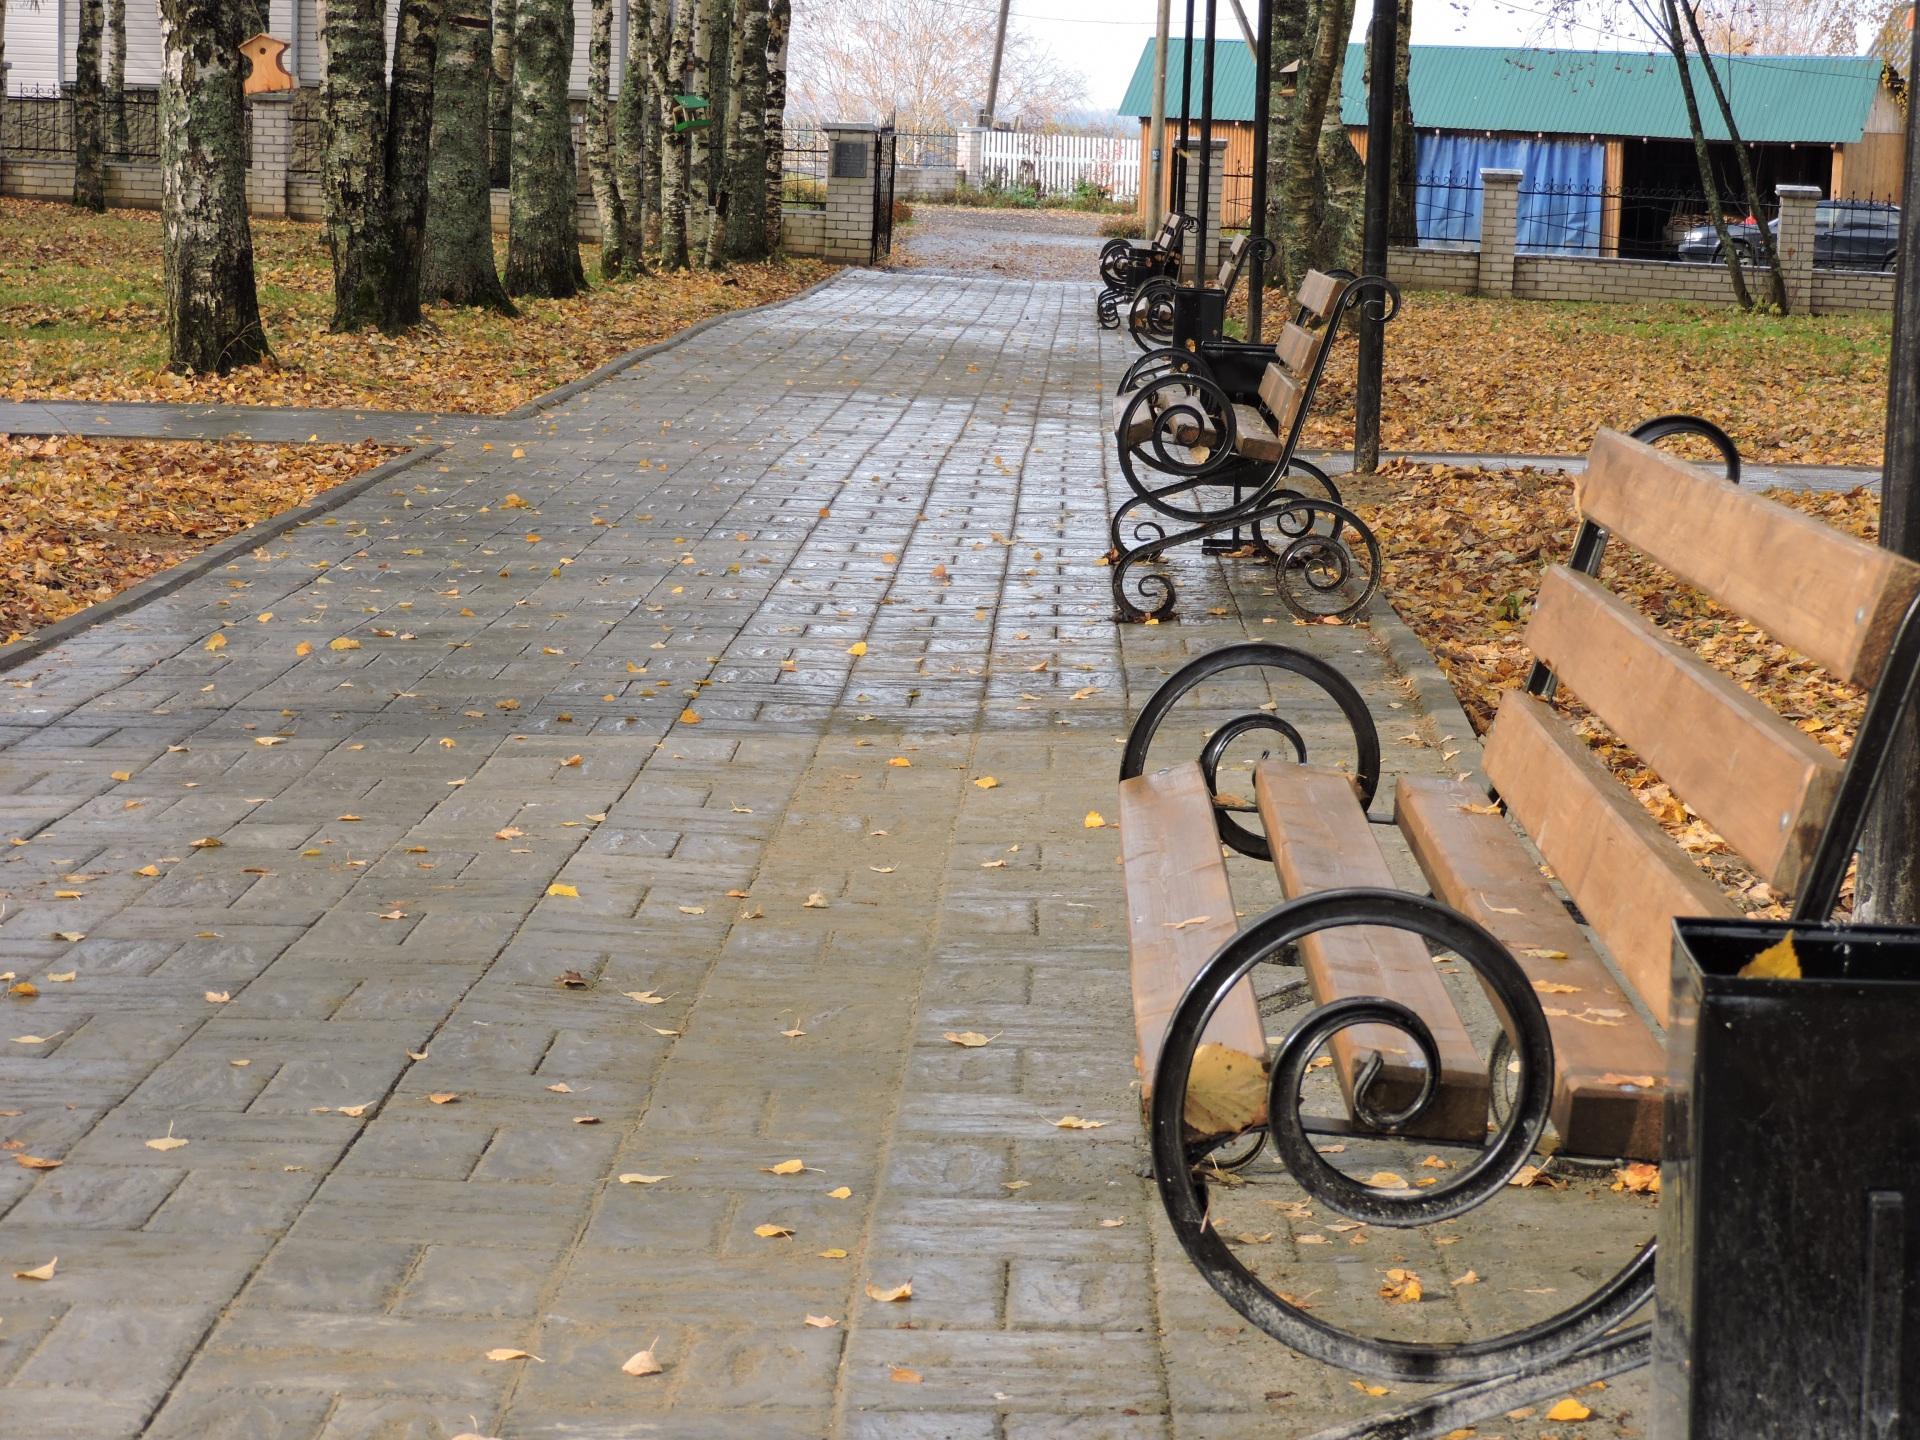 Бюджет-2020: в Коми на благоустройство направят на 200 млн рублей больше, чем в этом году